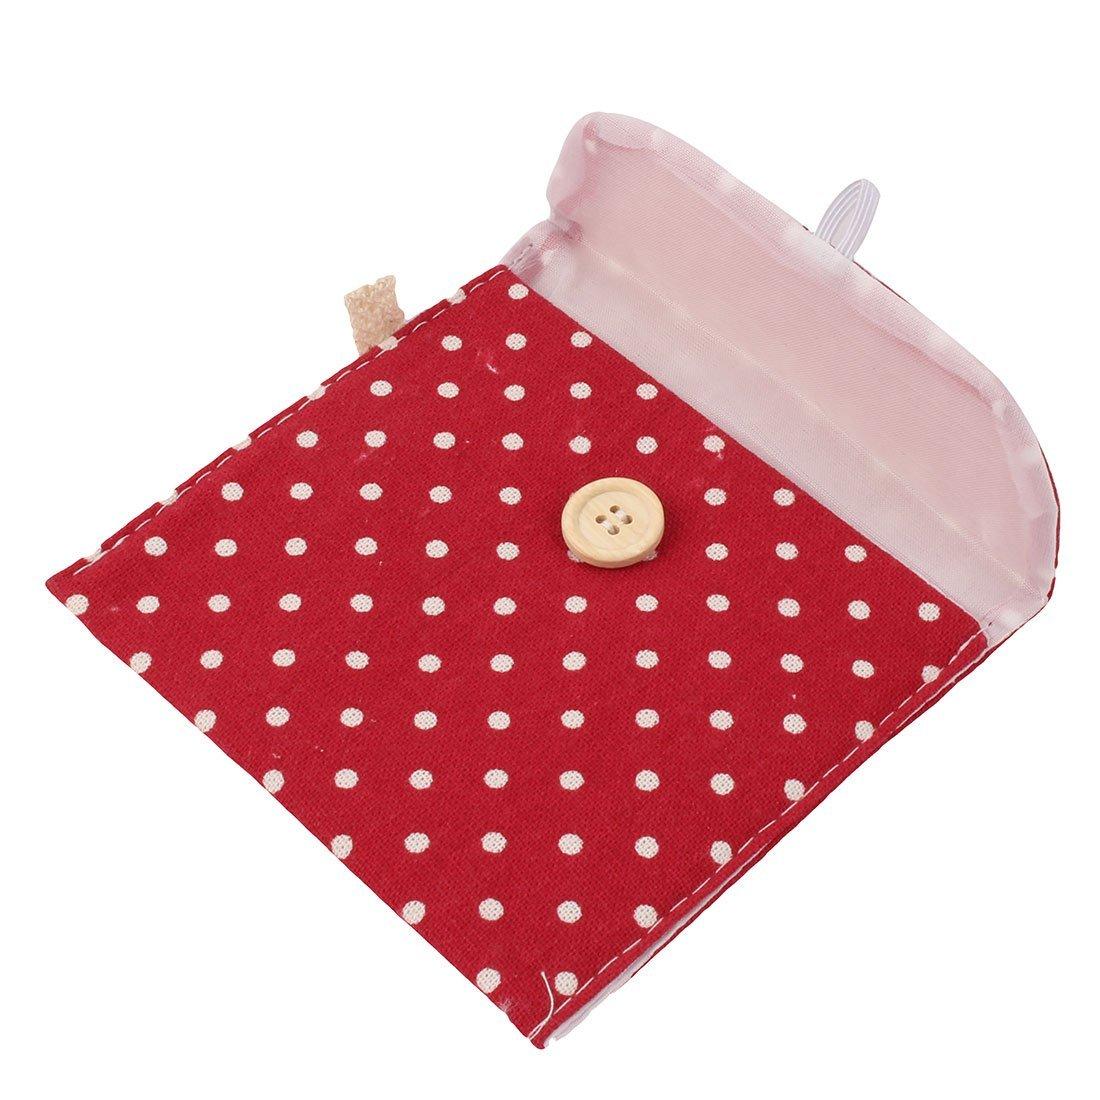 Amazon.com: eDealMax de lino de las Mujeres del Modelo de Puntos del rectángulo botón de cierre Sanitaria Pad Titular Bolsa DE 3 PC Rojo: Home & Kitchen